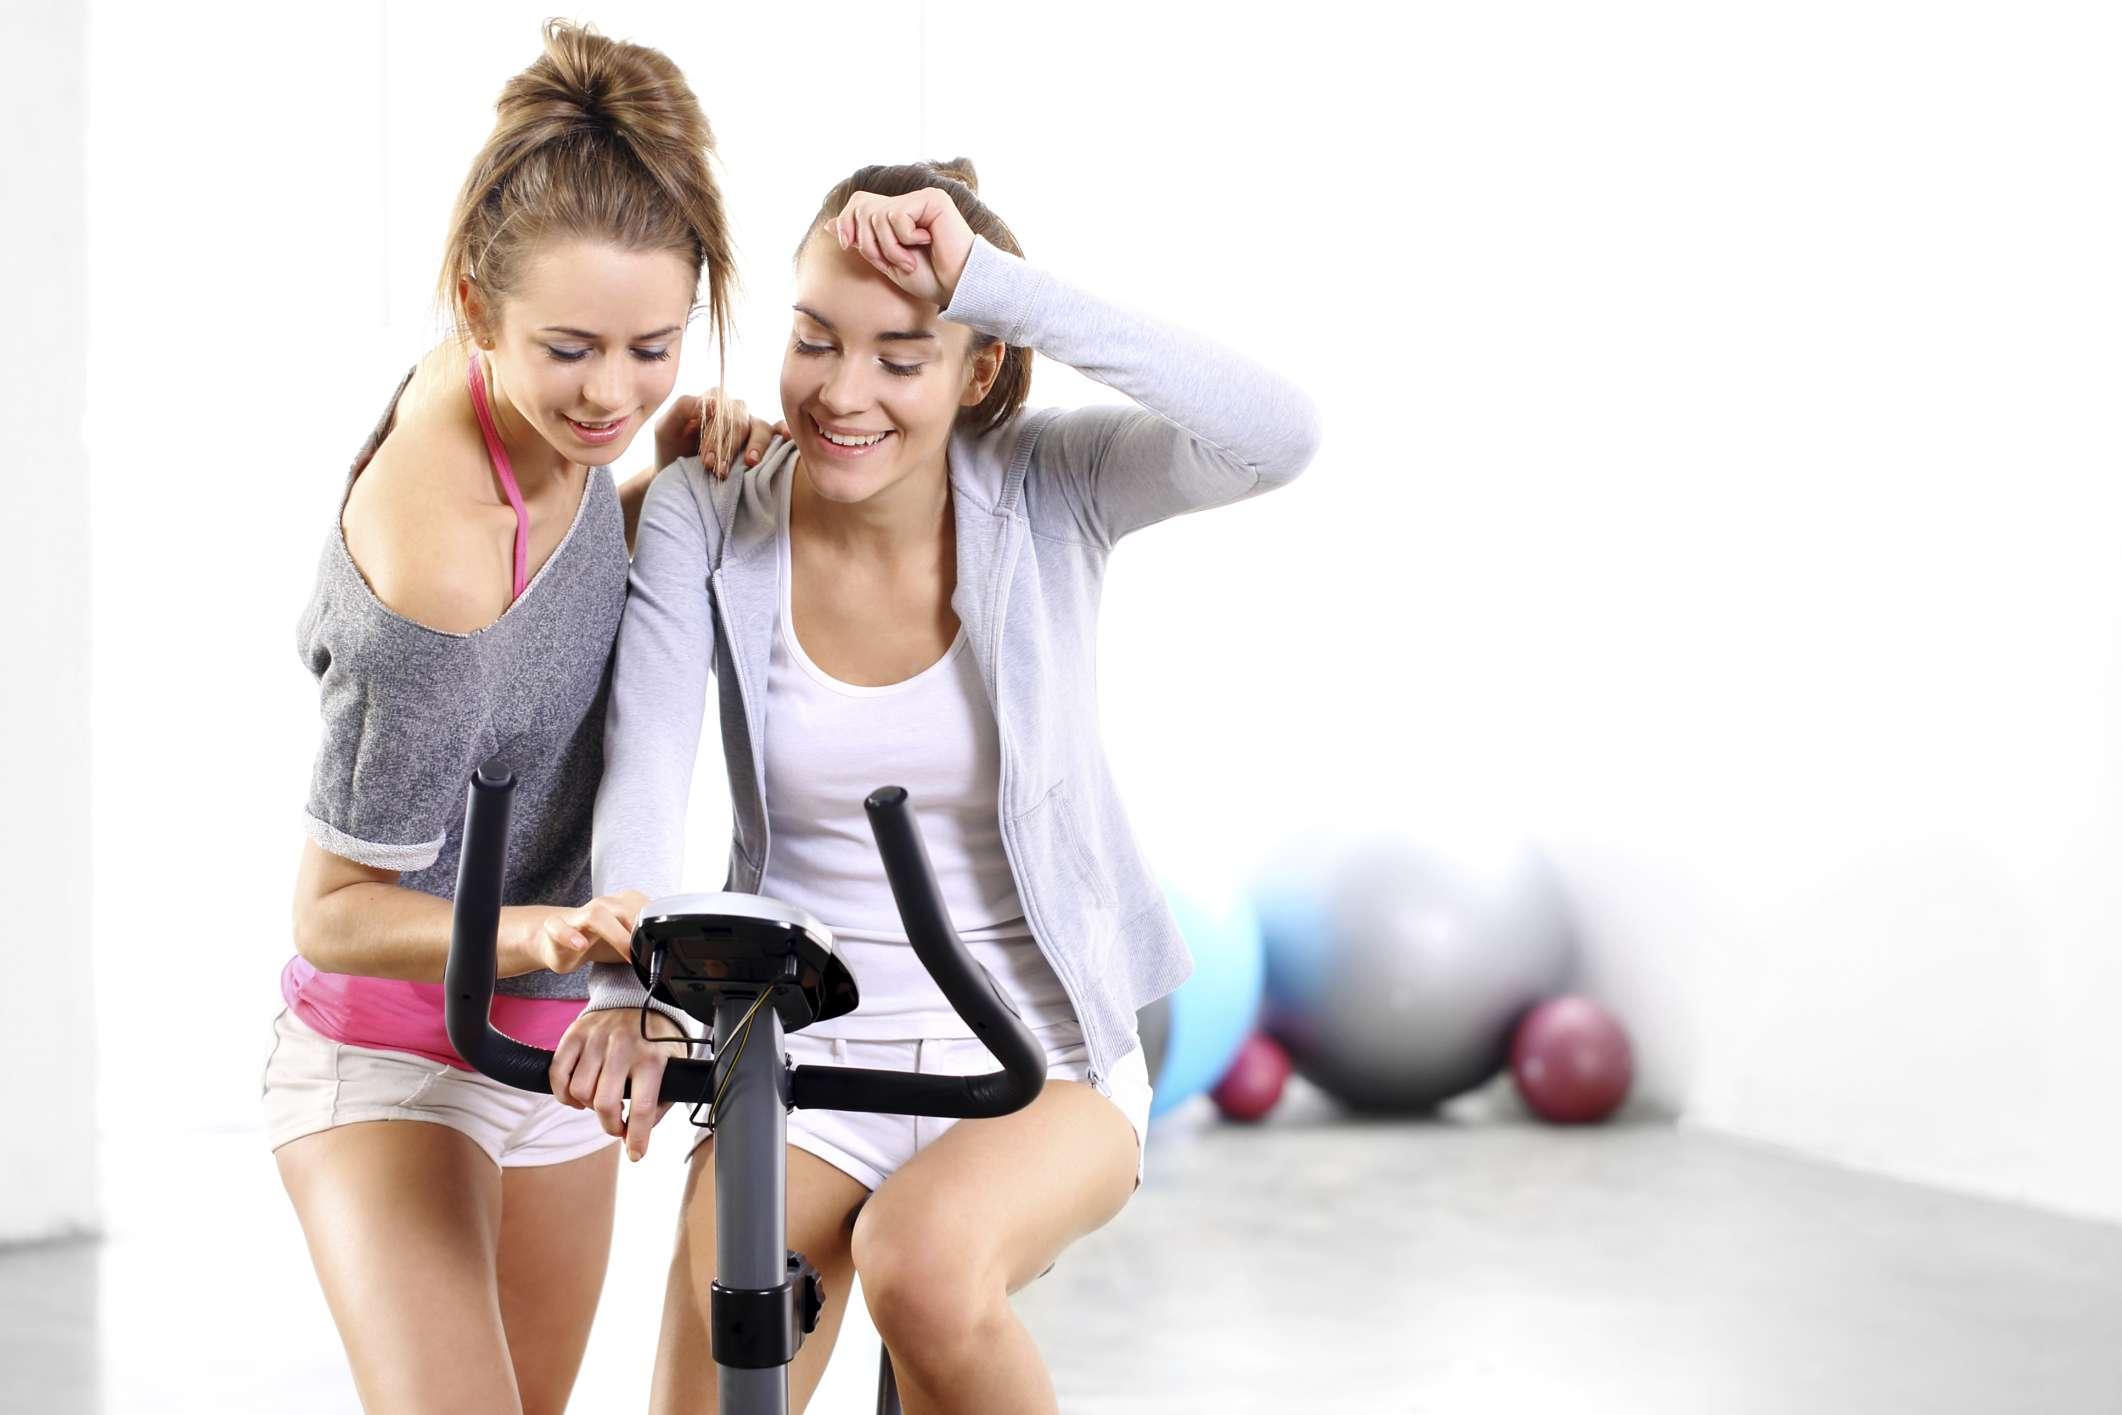 Ter amigas magras aumenta a pressão para perder peso